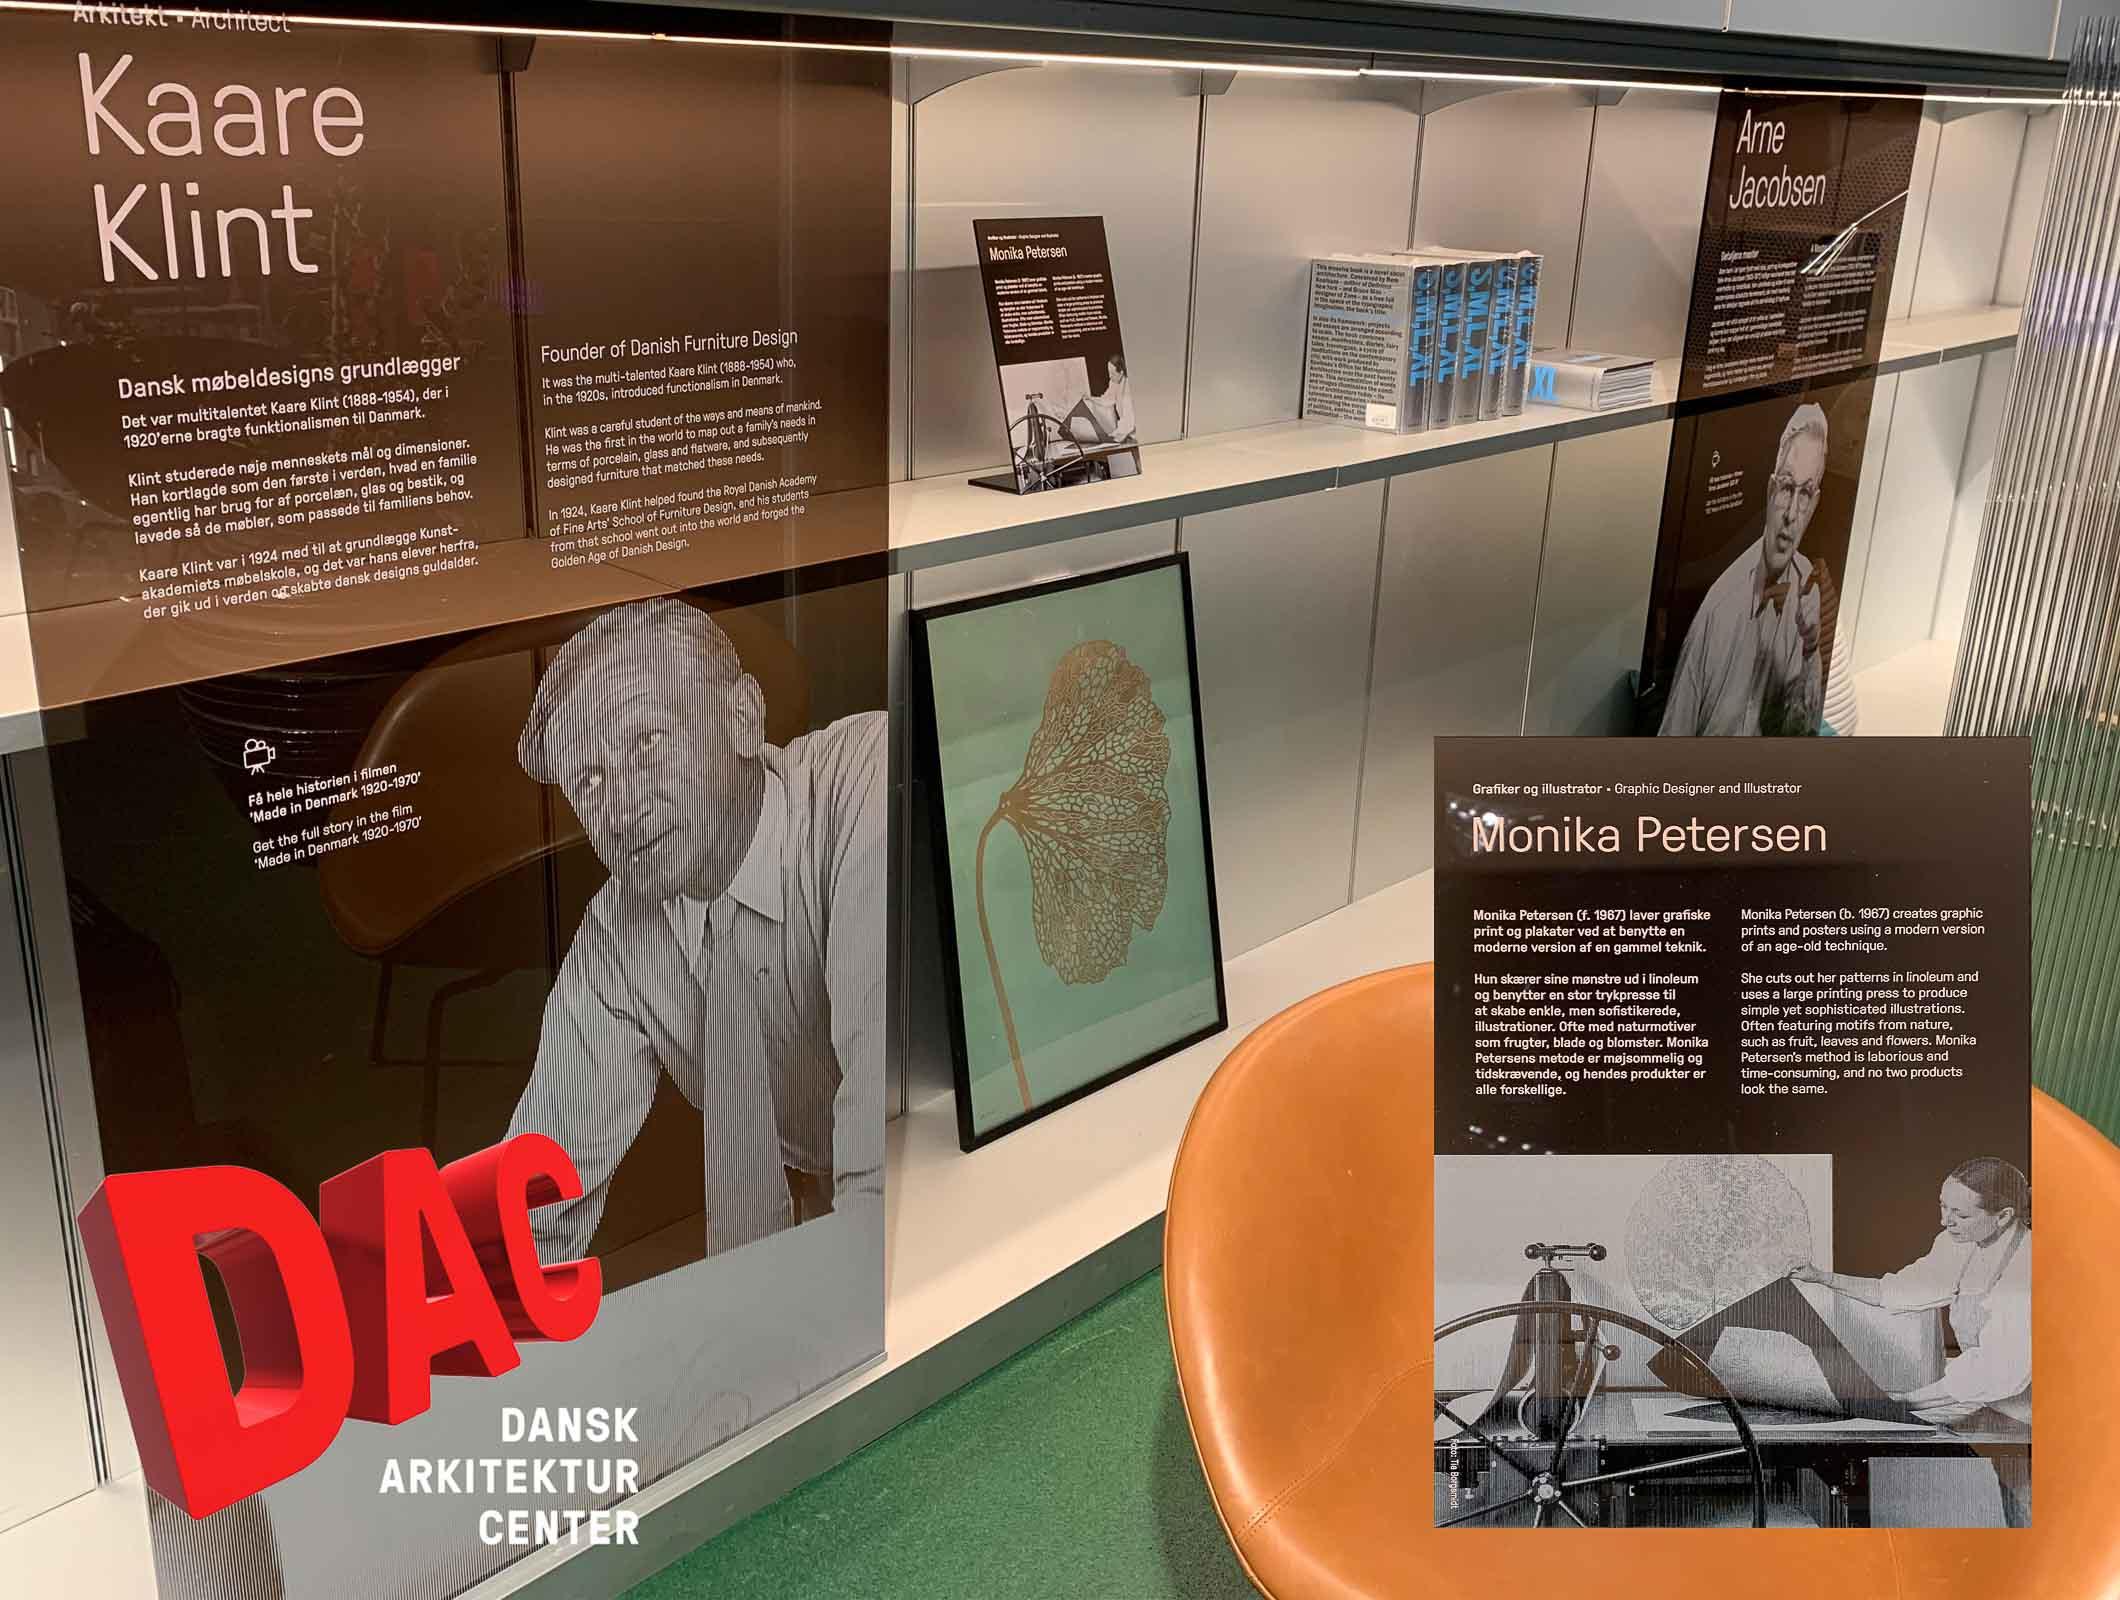 Ausstellung im Dänischen Architekturzentrum